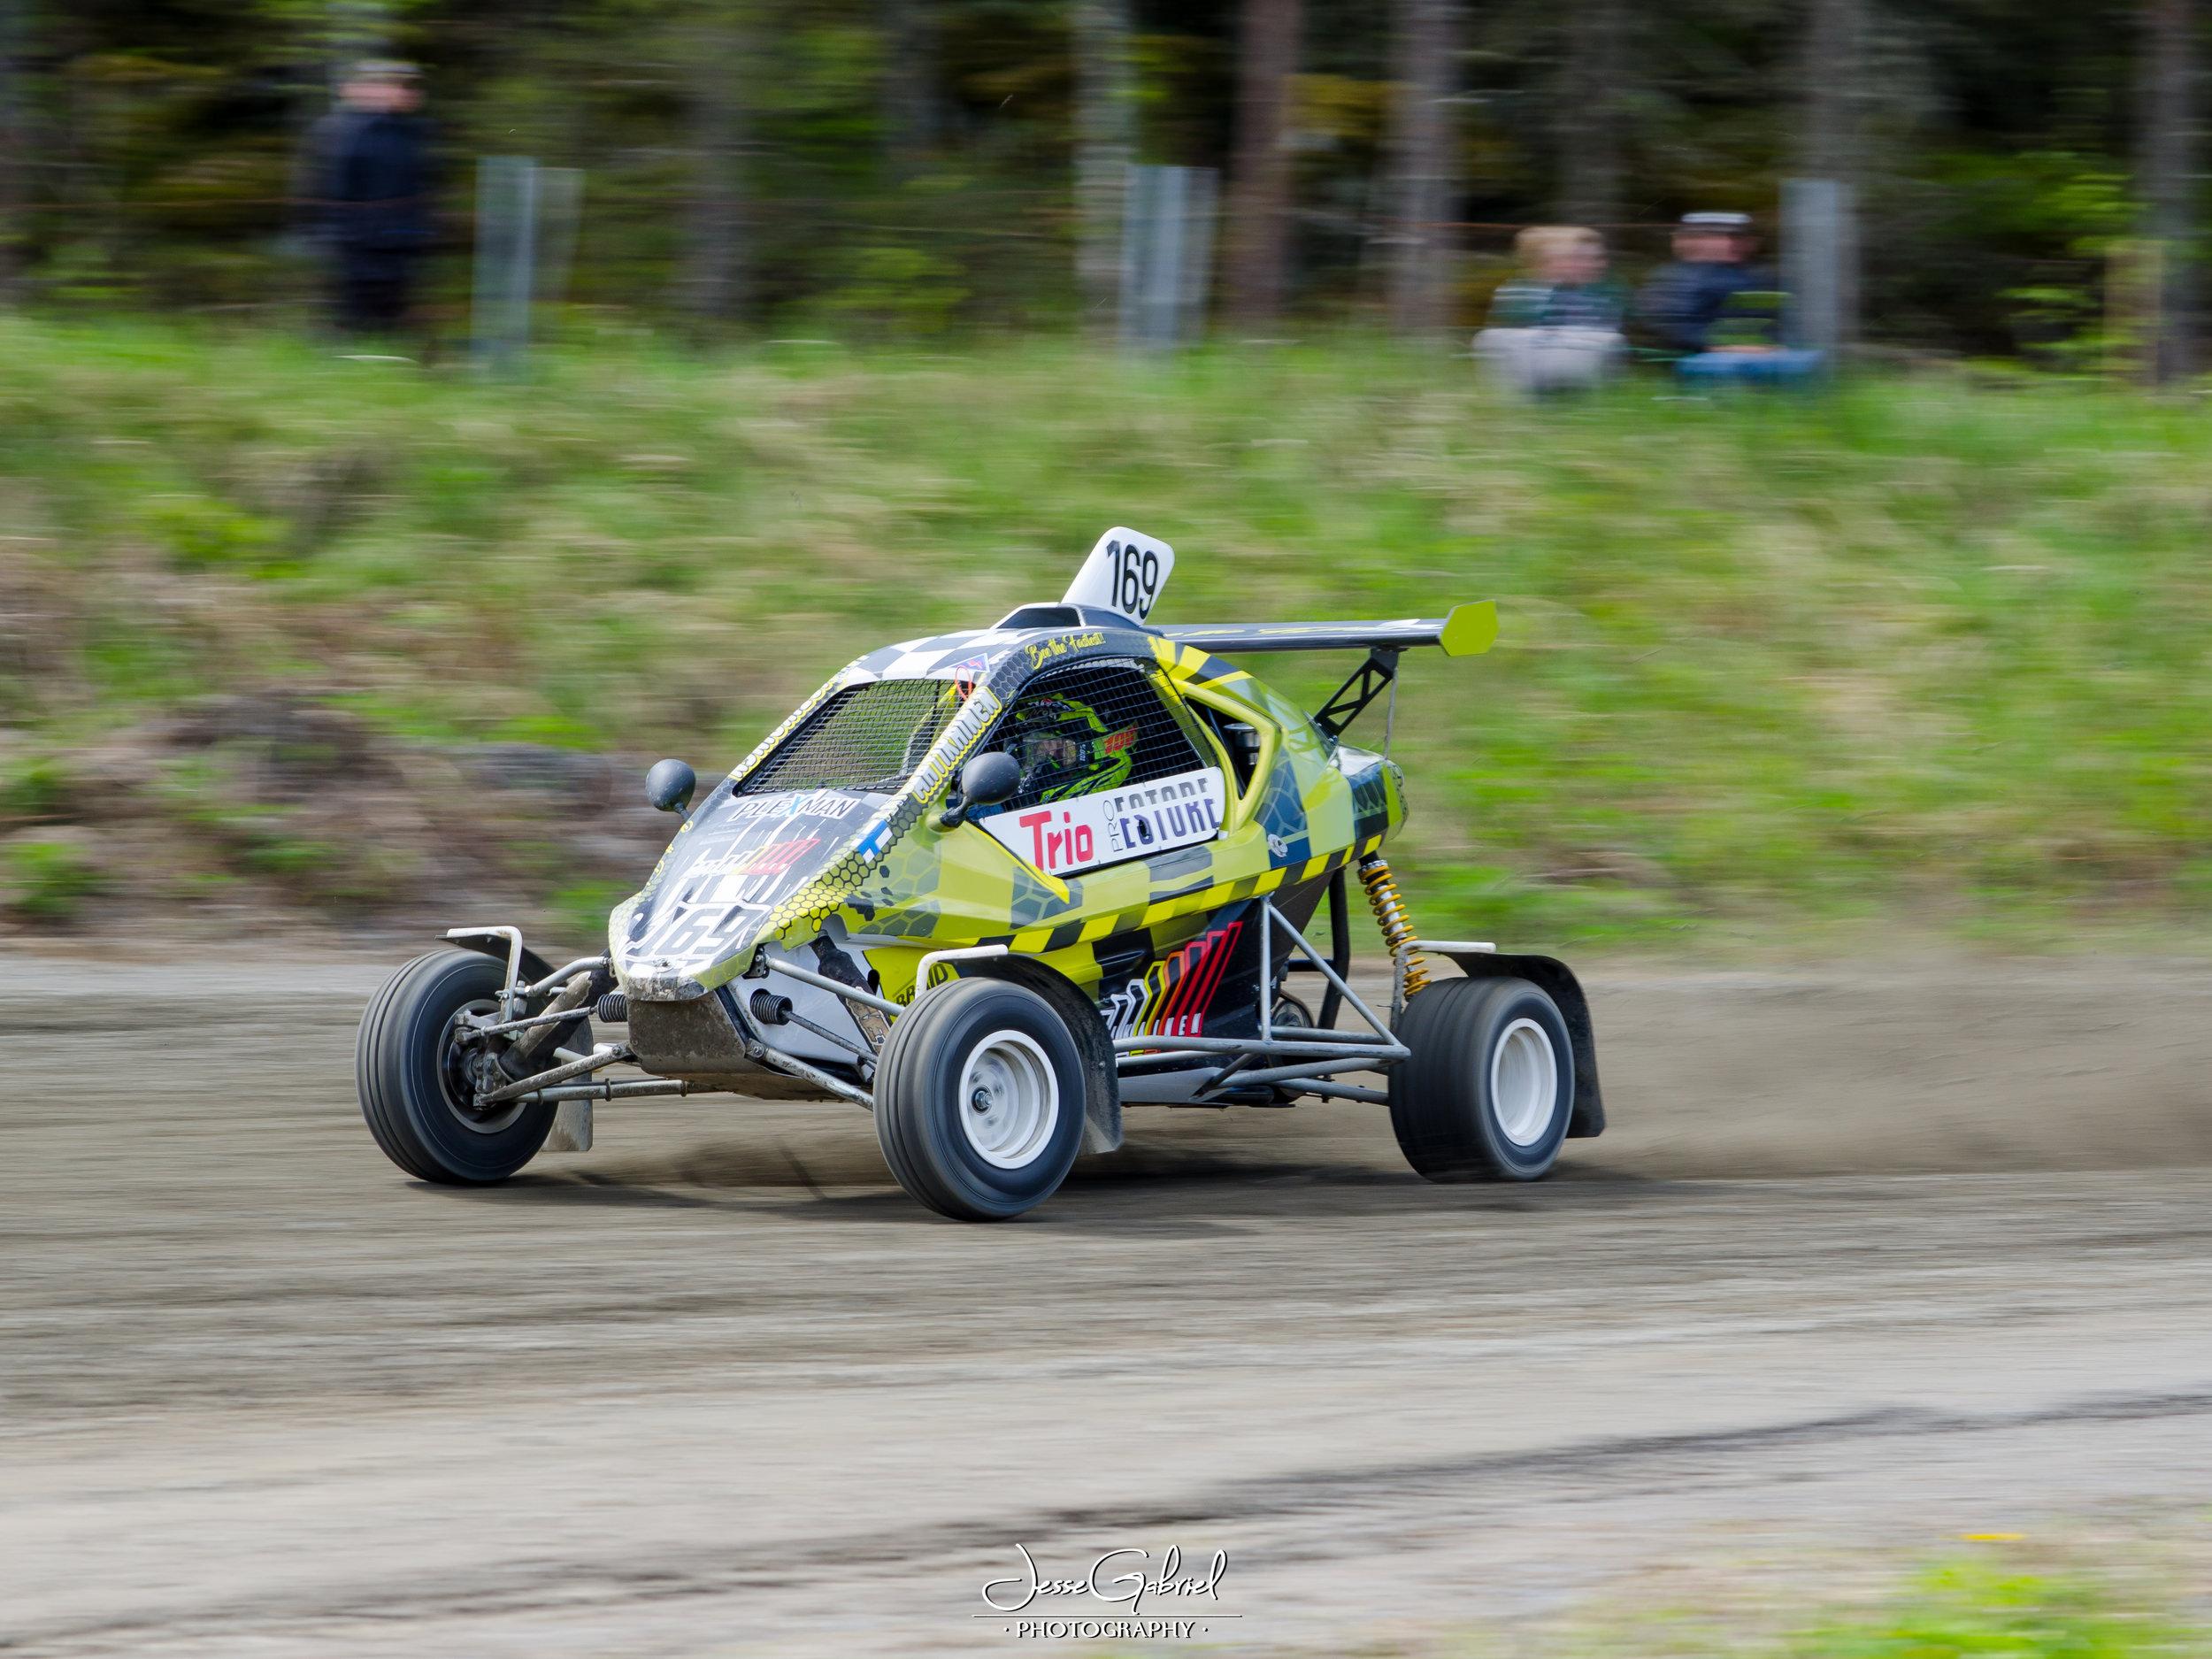 #169 Aatu Matikainen - Seura:Auto: Speedcar Xtrem / Suzuki